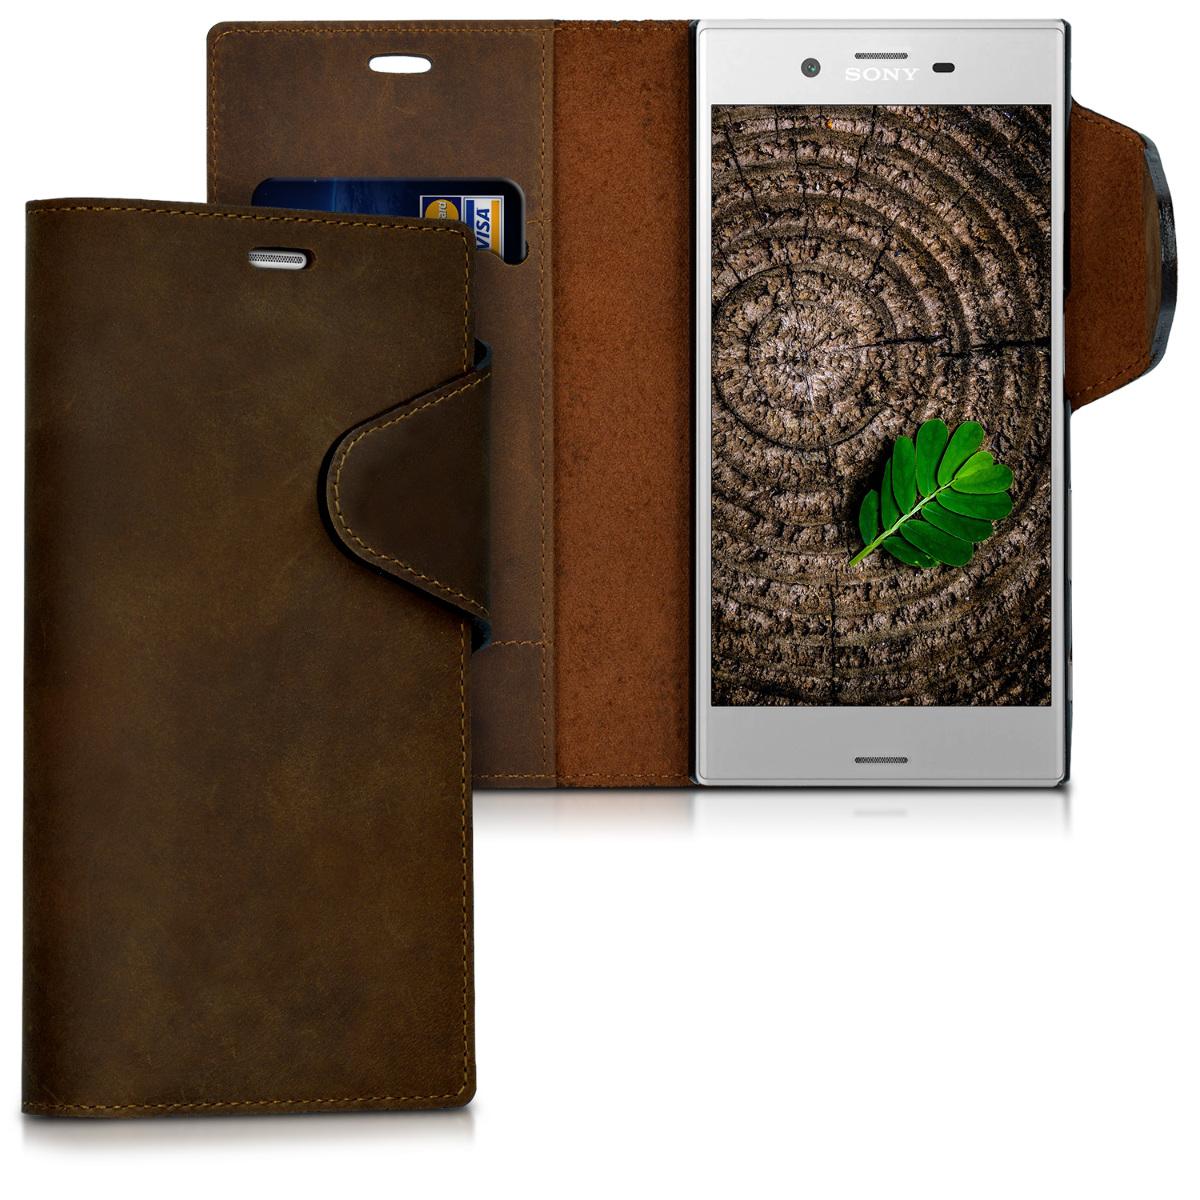 Kalibri Δερμάτινη Suede Θήκη - Πορτοφόλι Sony Xperia XZ / XZs - Καφέ (41353.05)